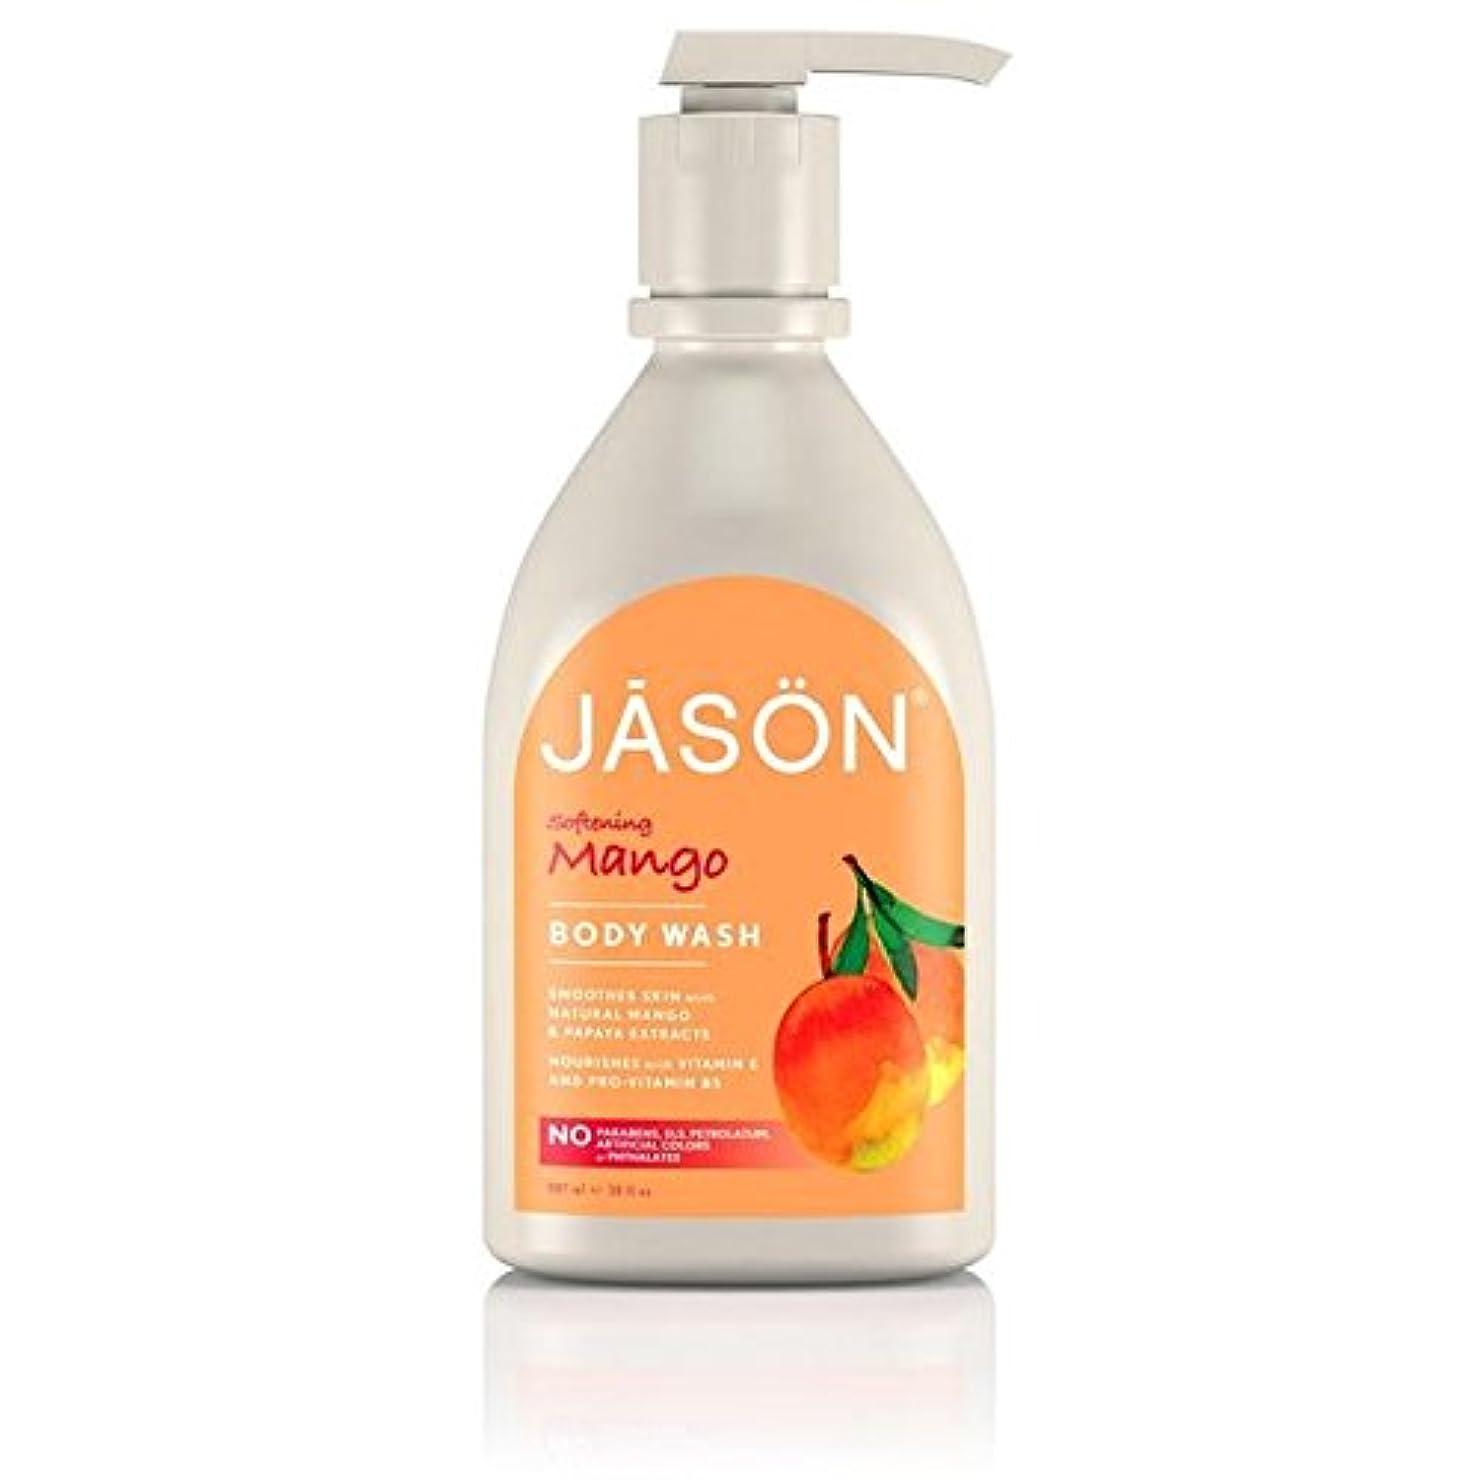 記念碑オリエンタル今晩Jason Mango Satin Body Wash Pump 900ml (Pack of 6) - ジェイソン?マンゴーサテンボディウォッシュポンプ900ミリリットル x6 [並行輸入品]